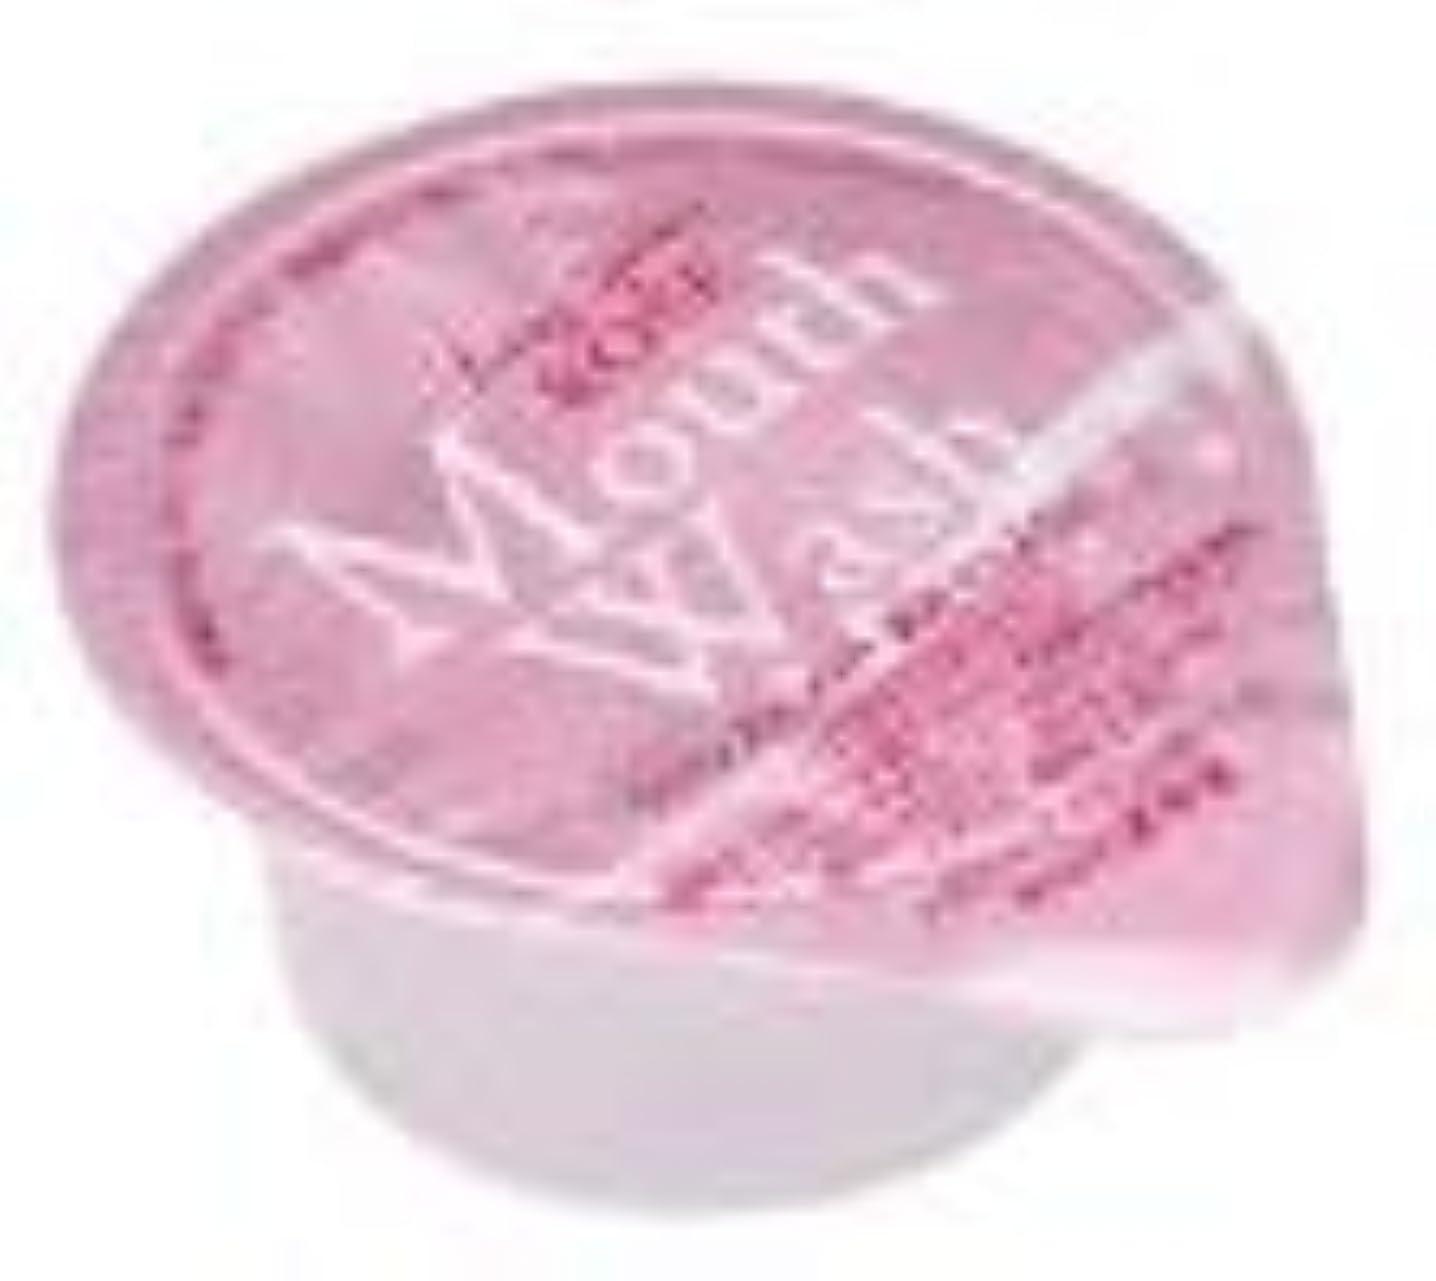 メンタル導体繊細オキナ 薬用マウスウオッシュ ロングスピン ピンク ローズ 1000個セット